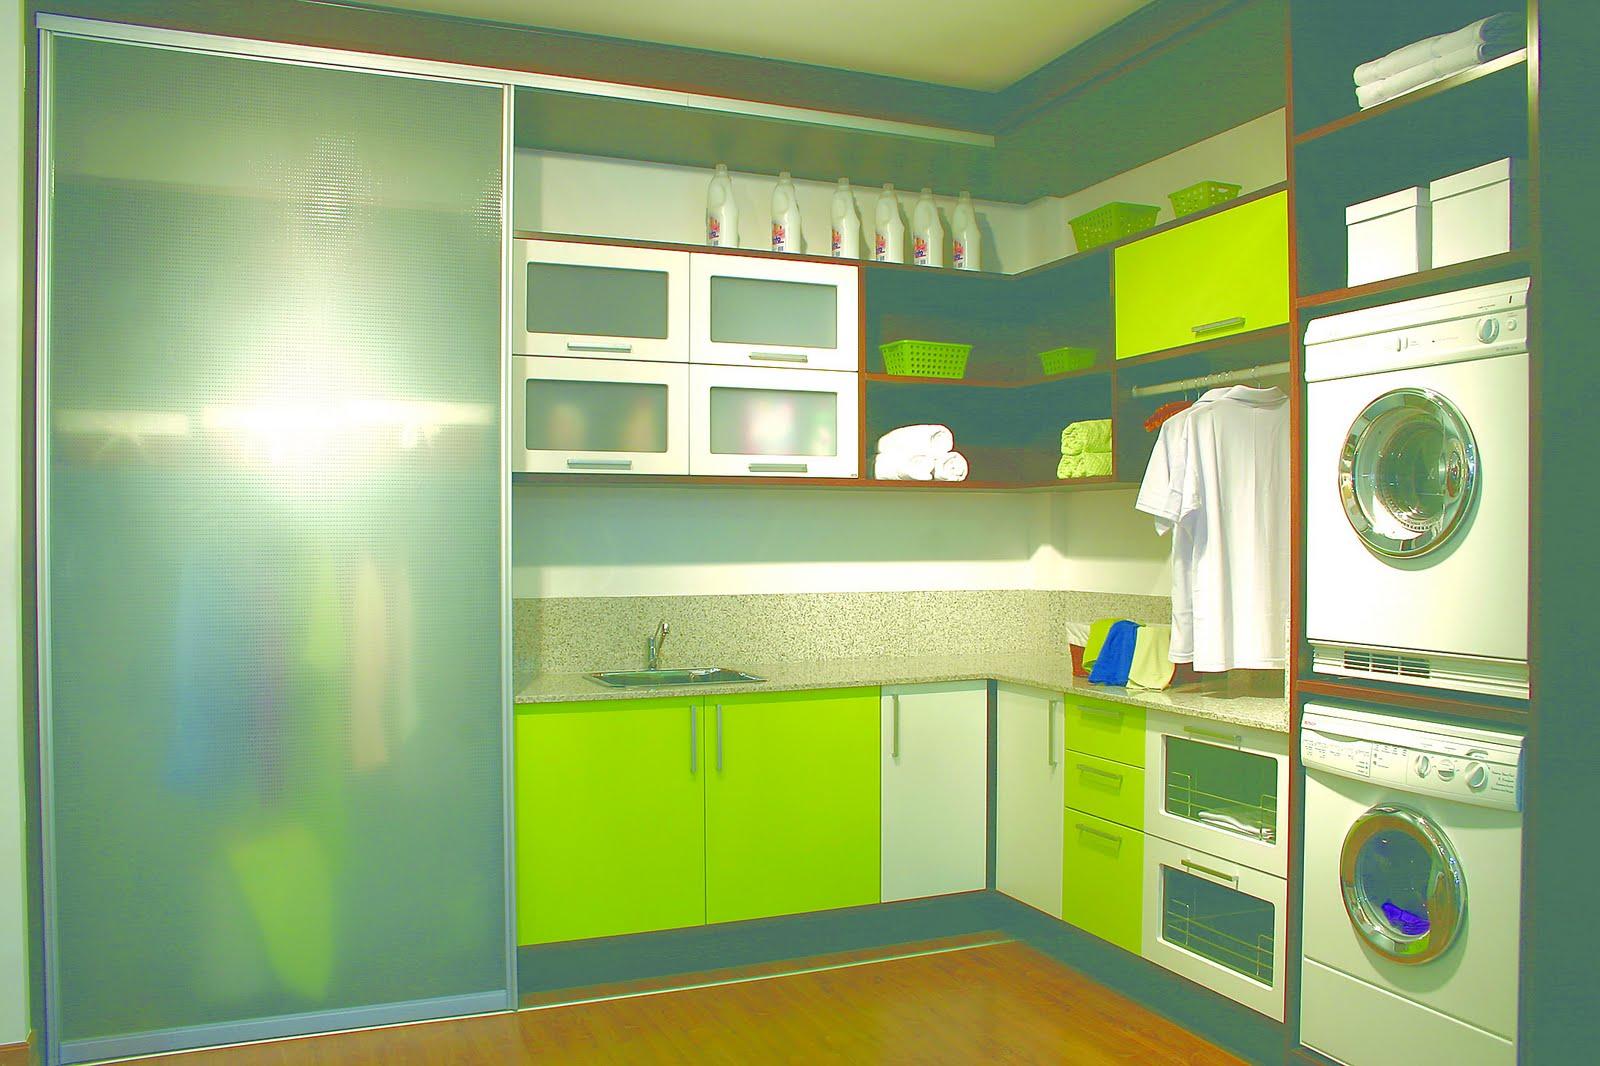 Ôh de casa!: Da cozinha para a lavanderia é só um passo  #A4C506 1600 1066